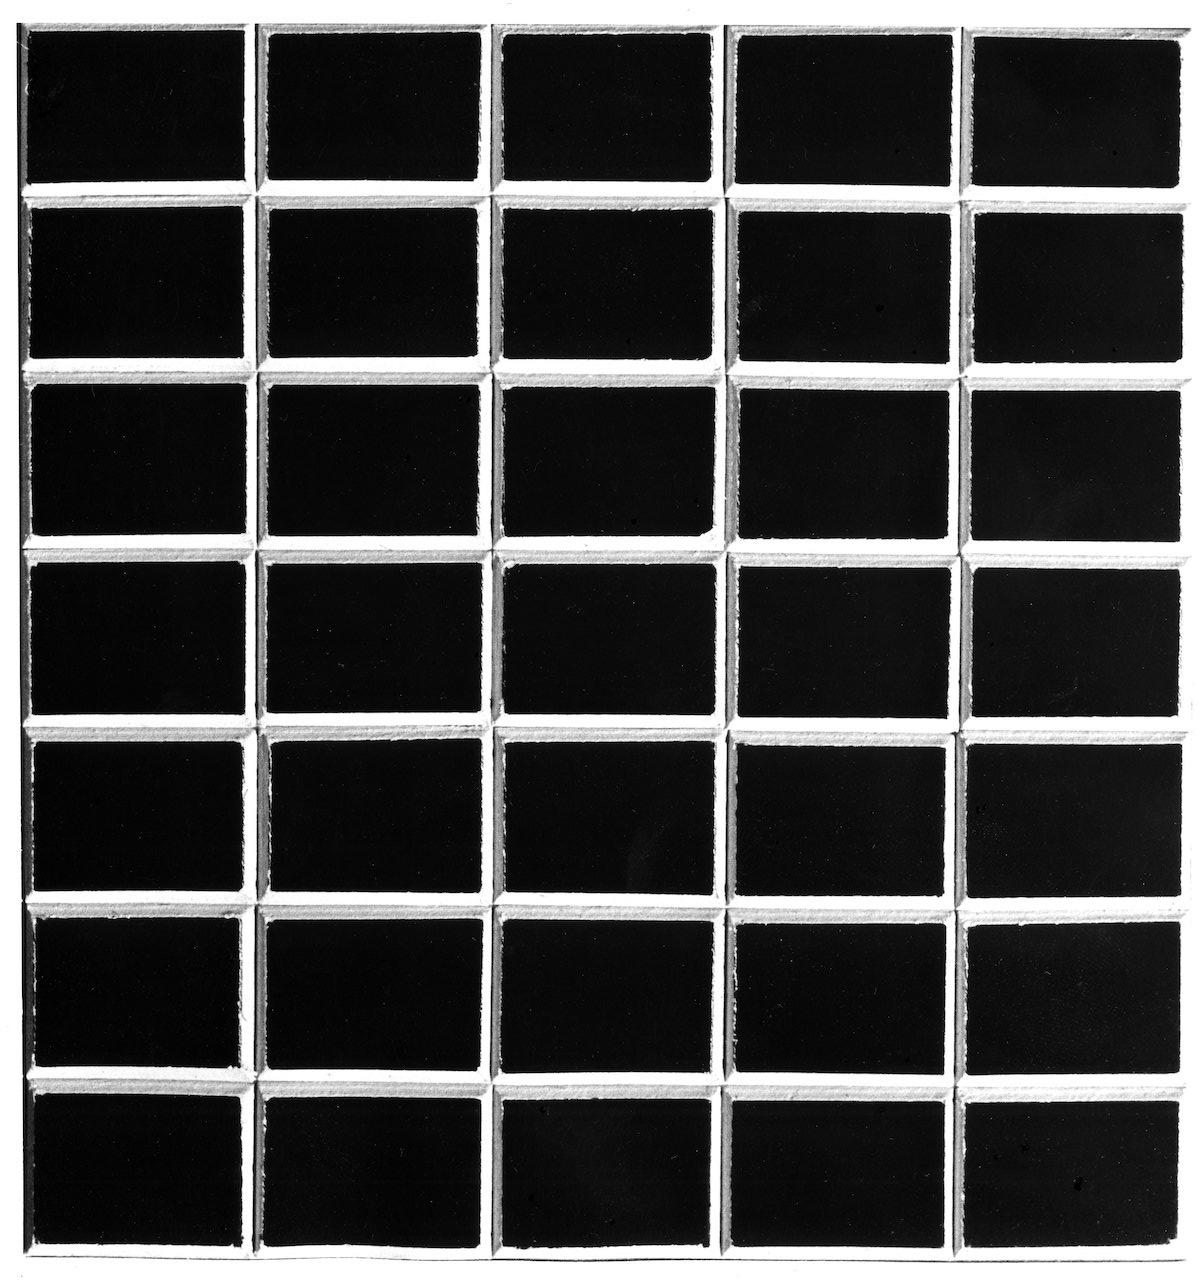 Peter Roehr. Ohne Titel. 1966. Pappe auf Holz. 20,5 x 20cm